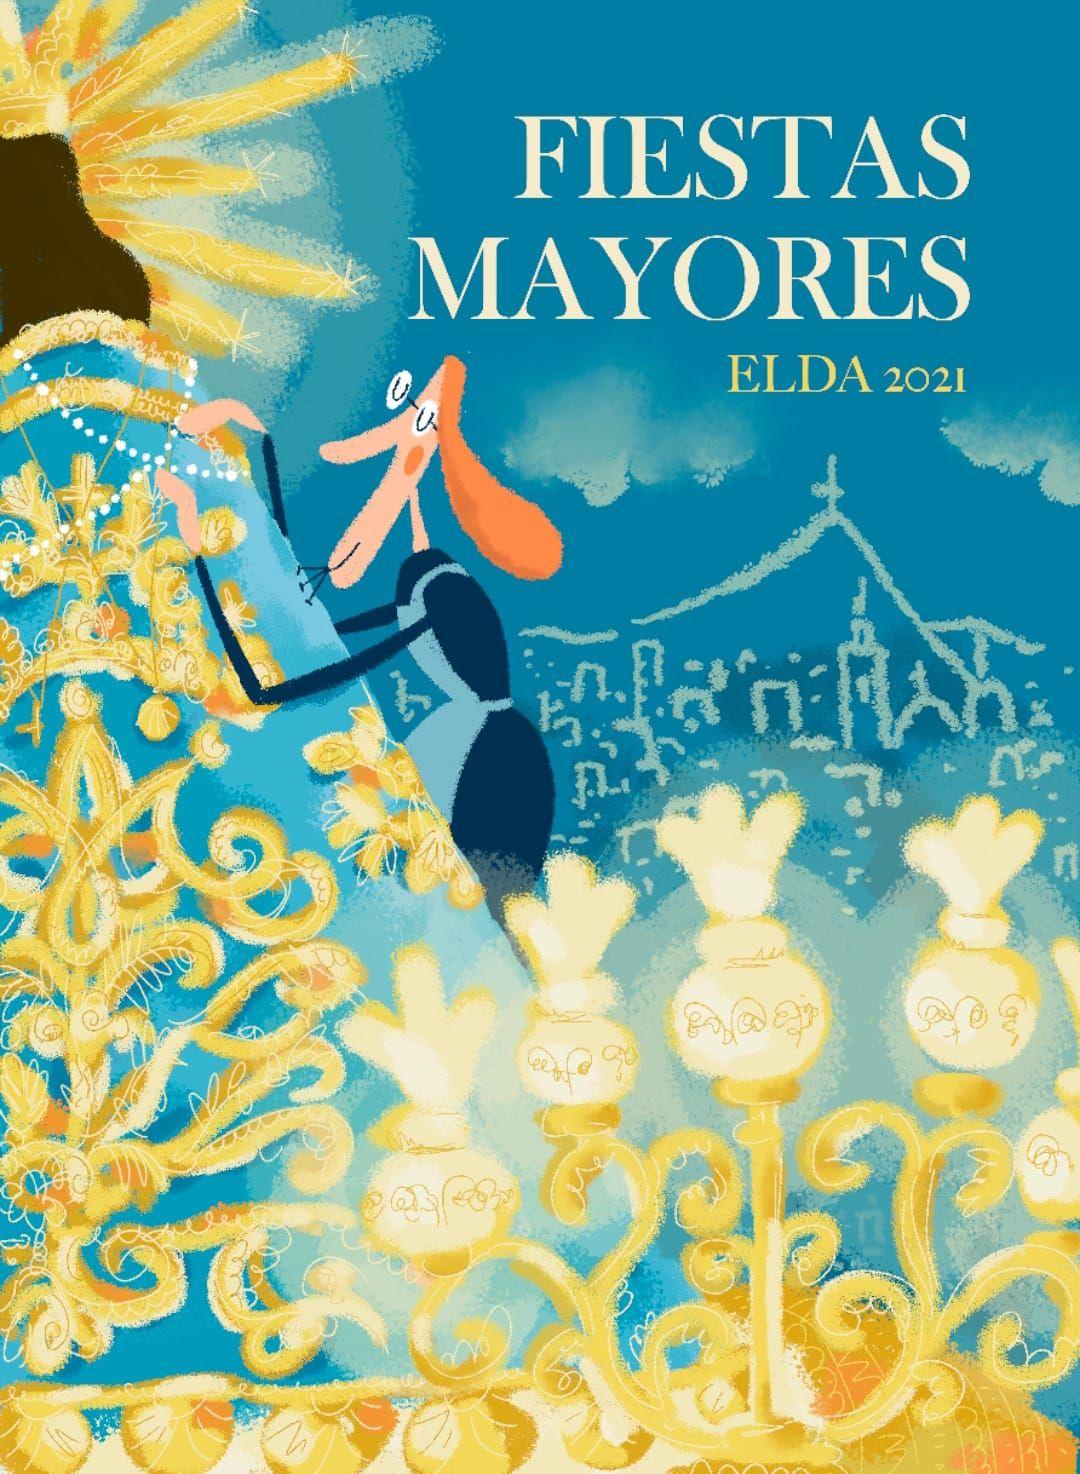 La ilustradora eldense Luisa Vera ha diseñado la portada de la revista FIESTAS MAYORES ELDA 2021